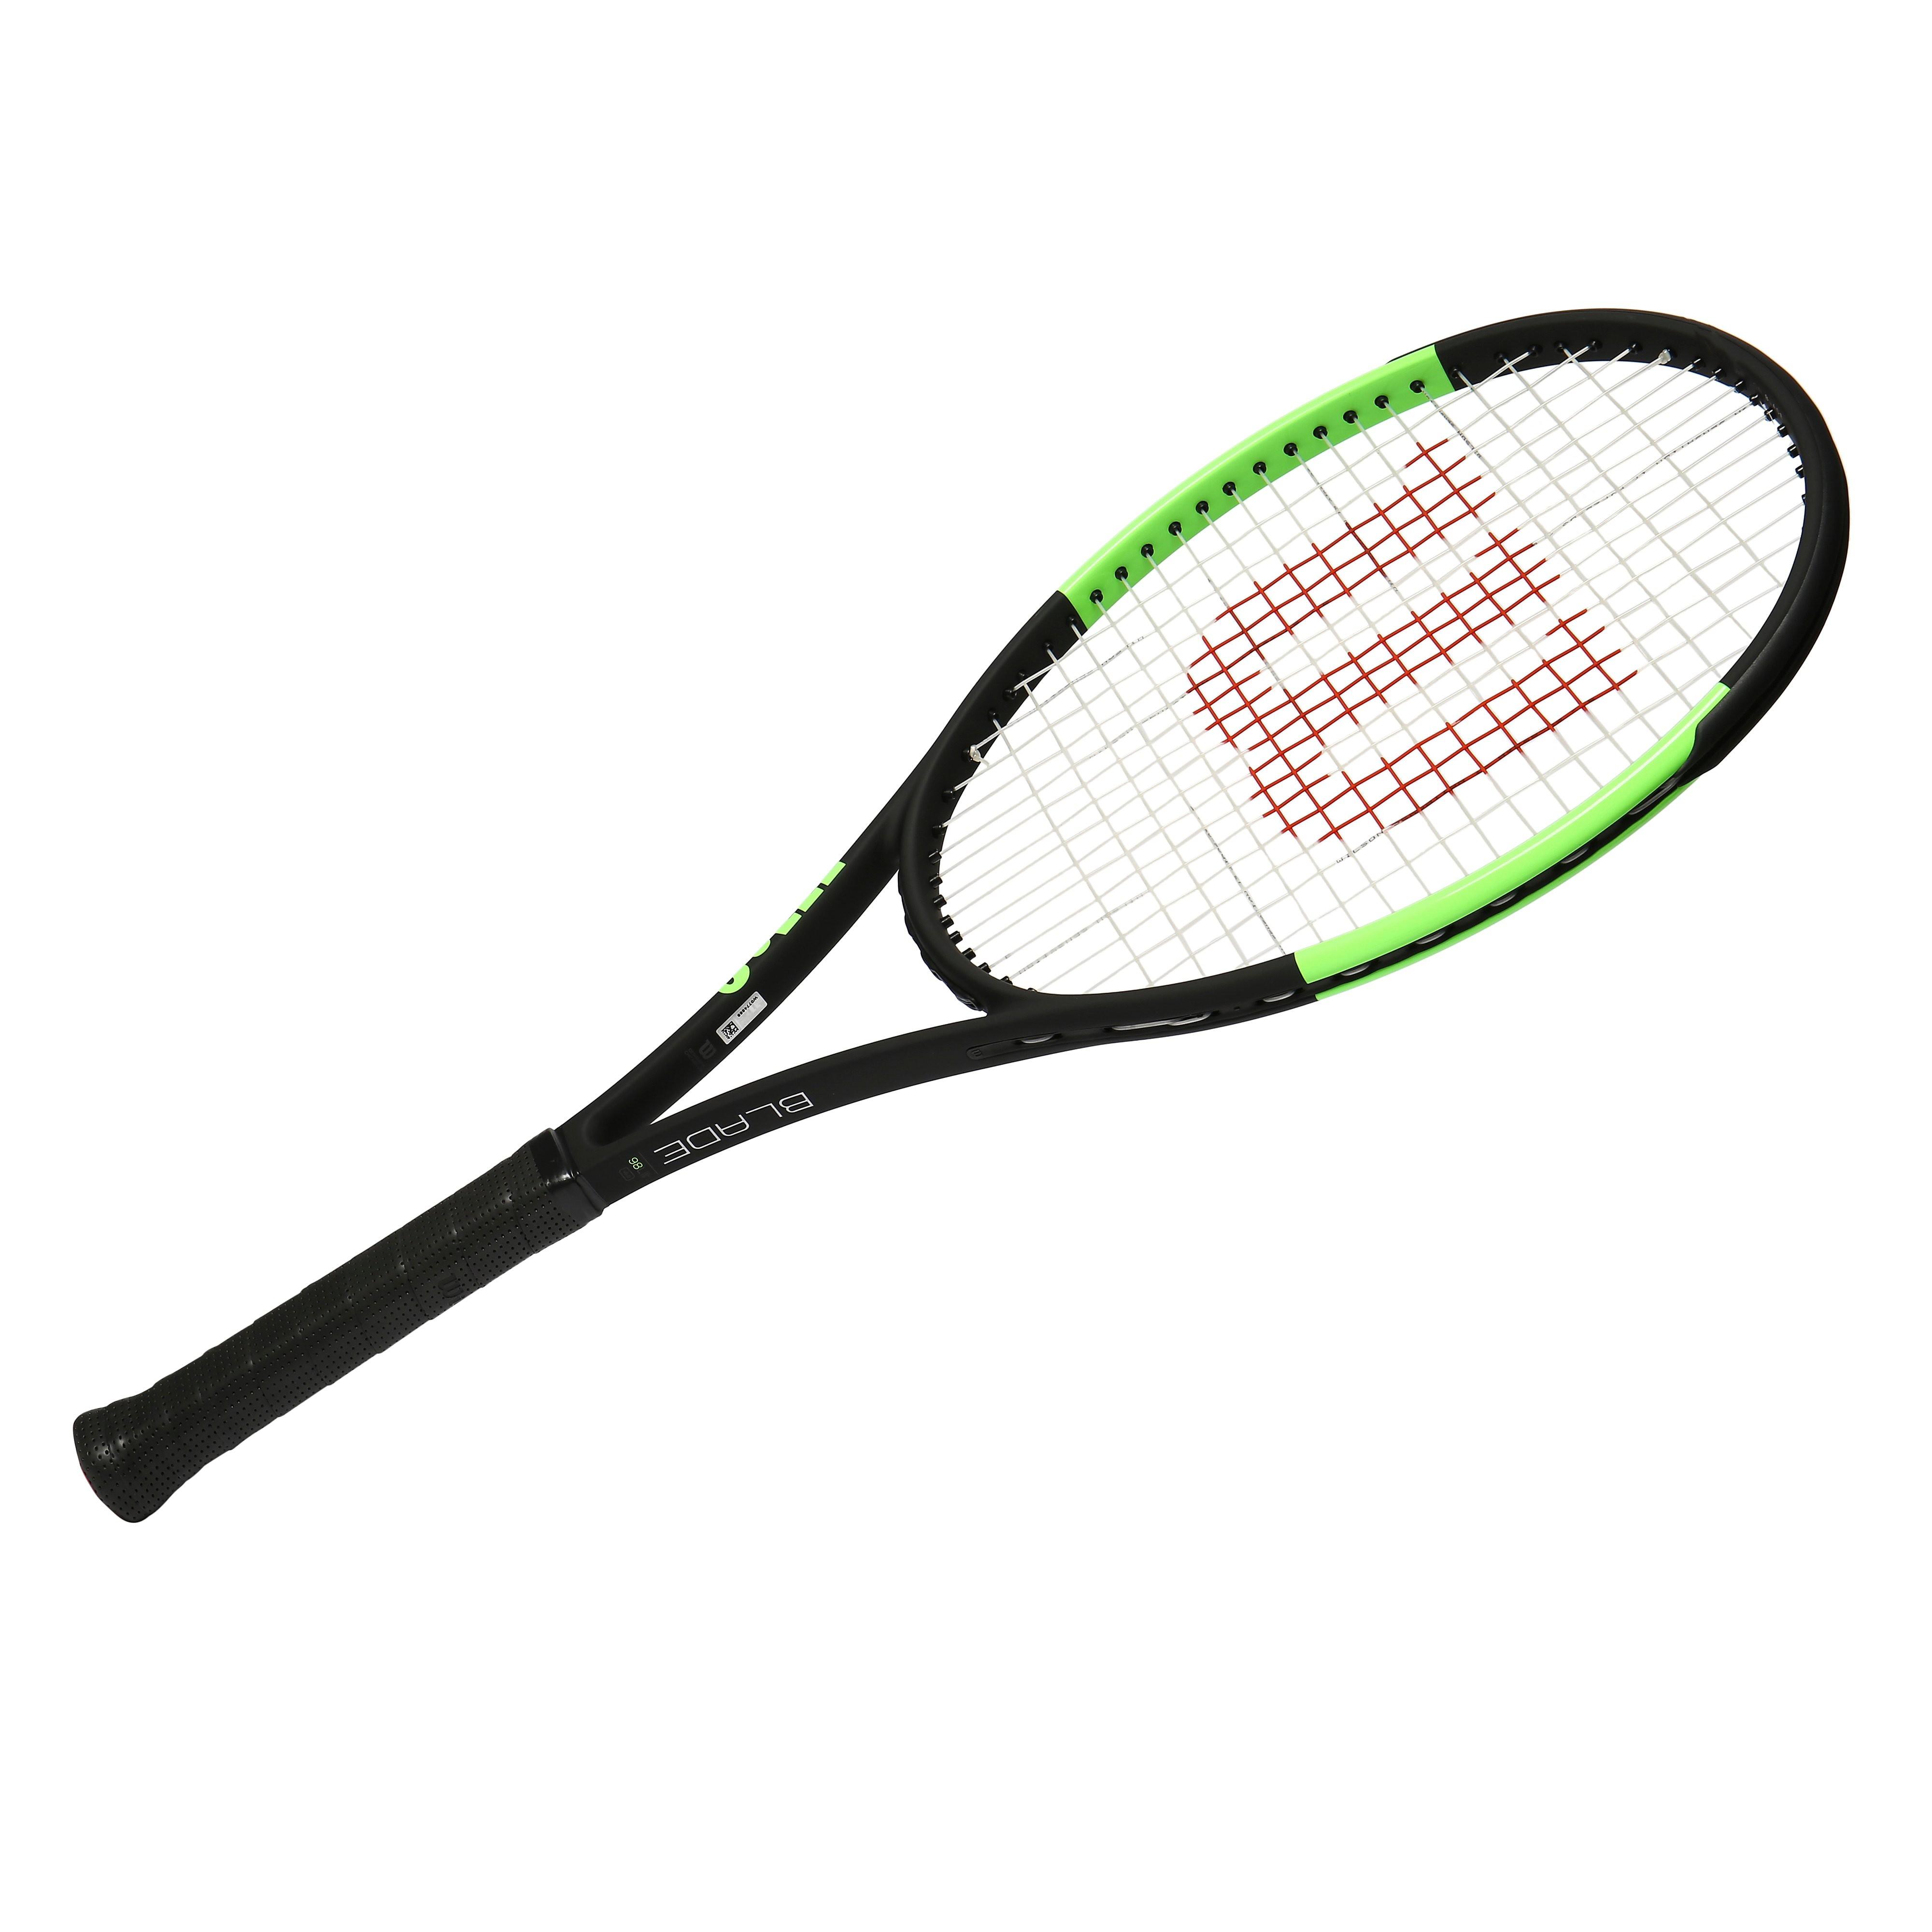 Womens Black Wilson Blade 98 Countervail Reverse Tour Unstrung Tennis Racket